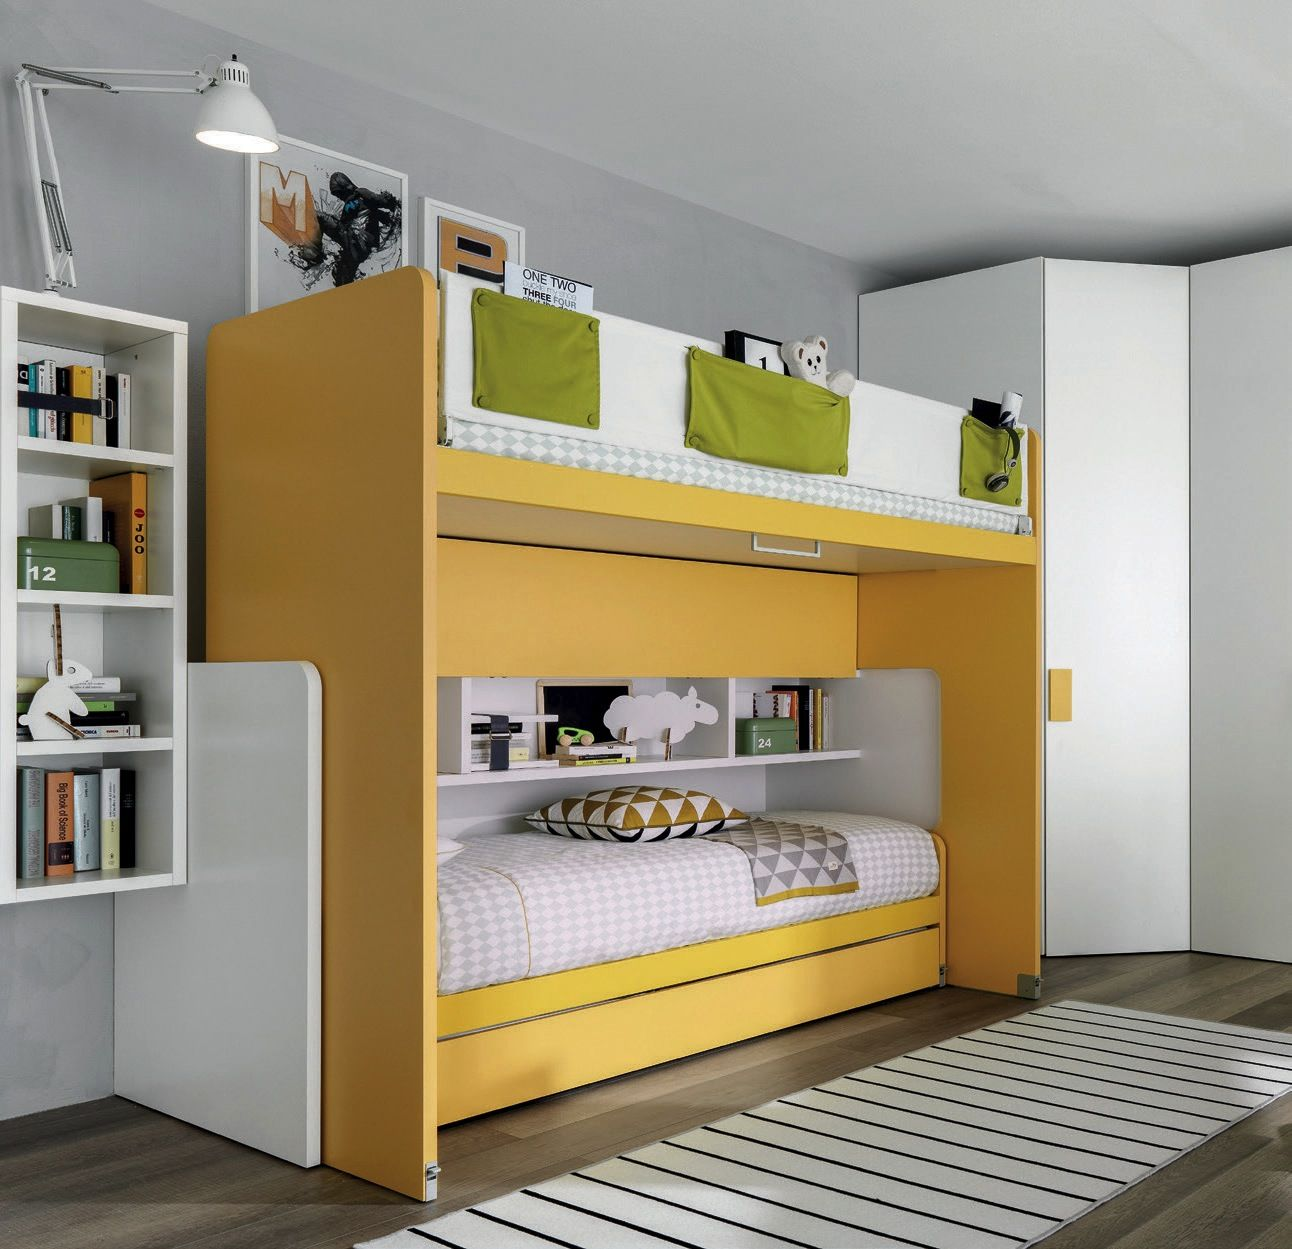 Slide il letto multifunzione zalf buongiovanni mobili - Mobili multifunzione ...